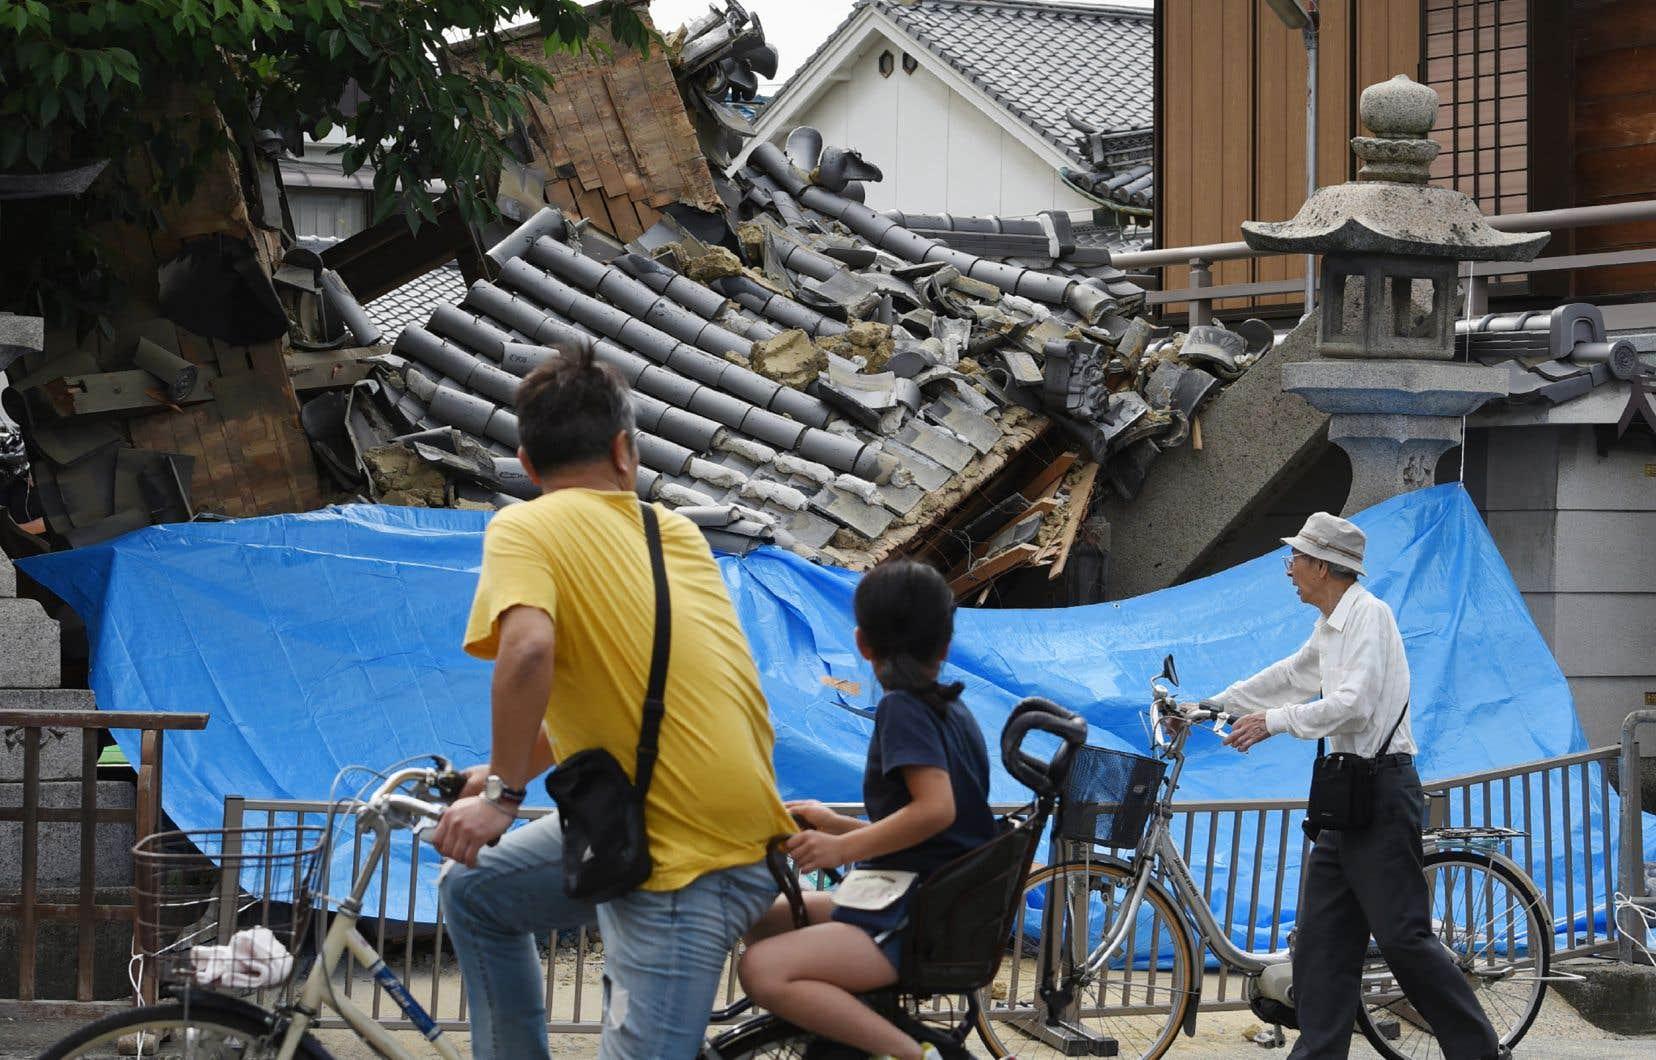 Ce tremblement de terre, de magnitude 5,3 selon l'institut américain USGS, s'est produit à une profondeur de 15,4 kilomètres.